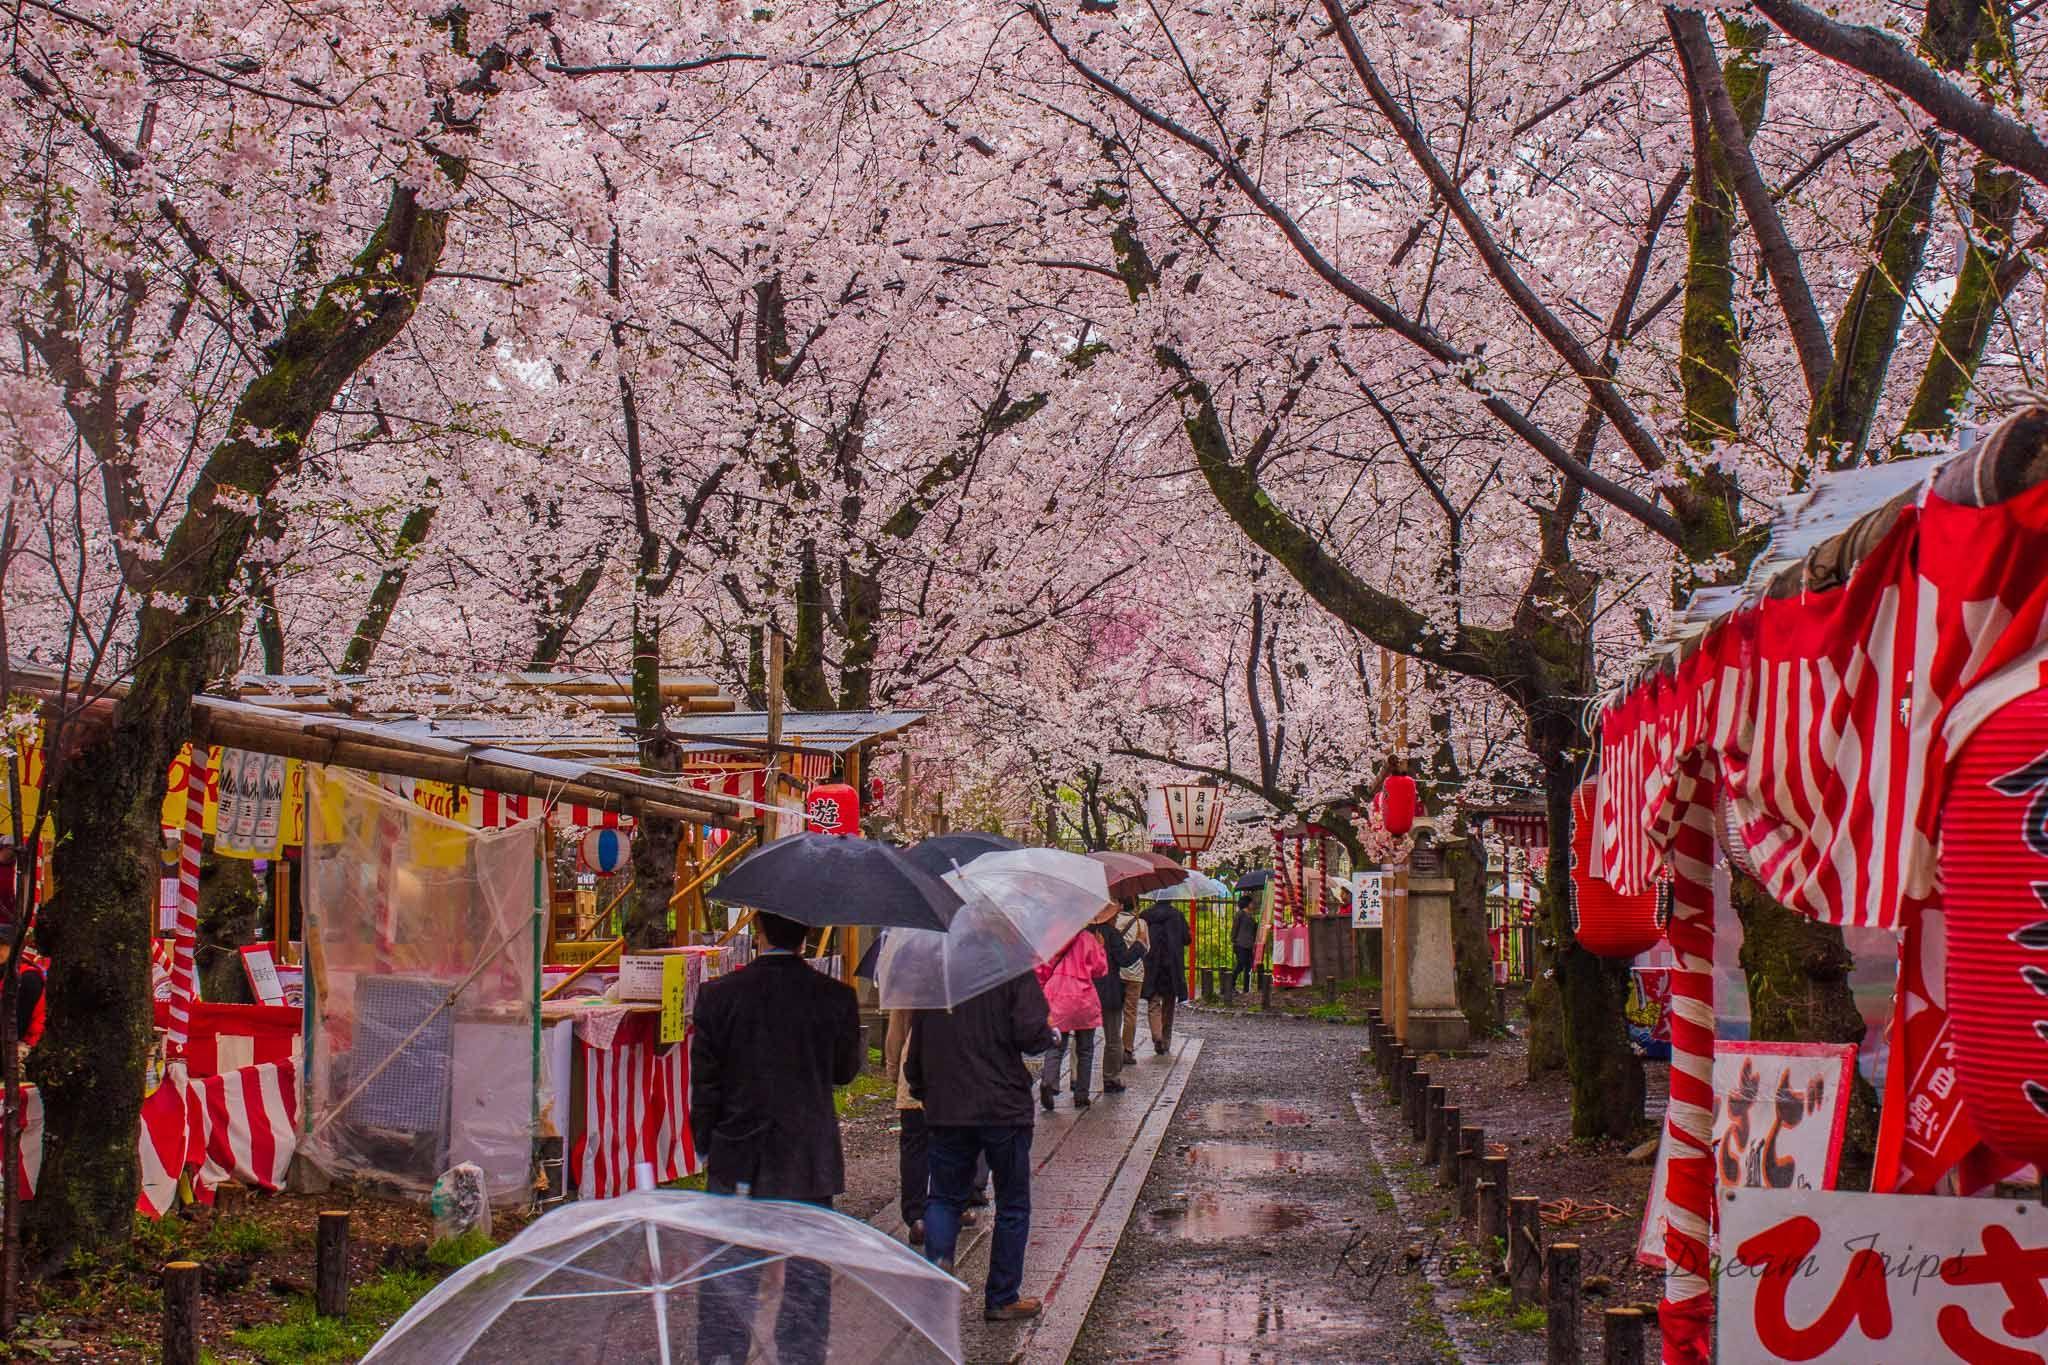 Hirano Jinja In Kyoto Sakura Paradise In 2021 Kamo Shrine Jinja Kyoto